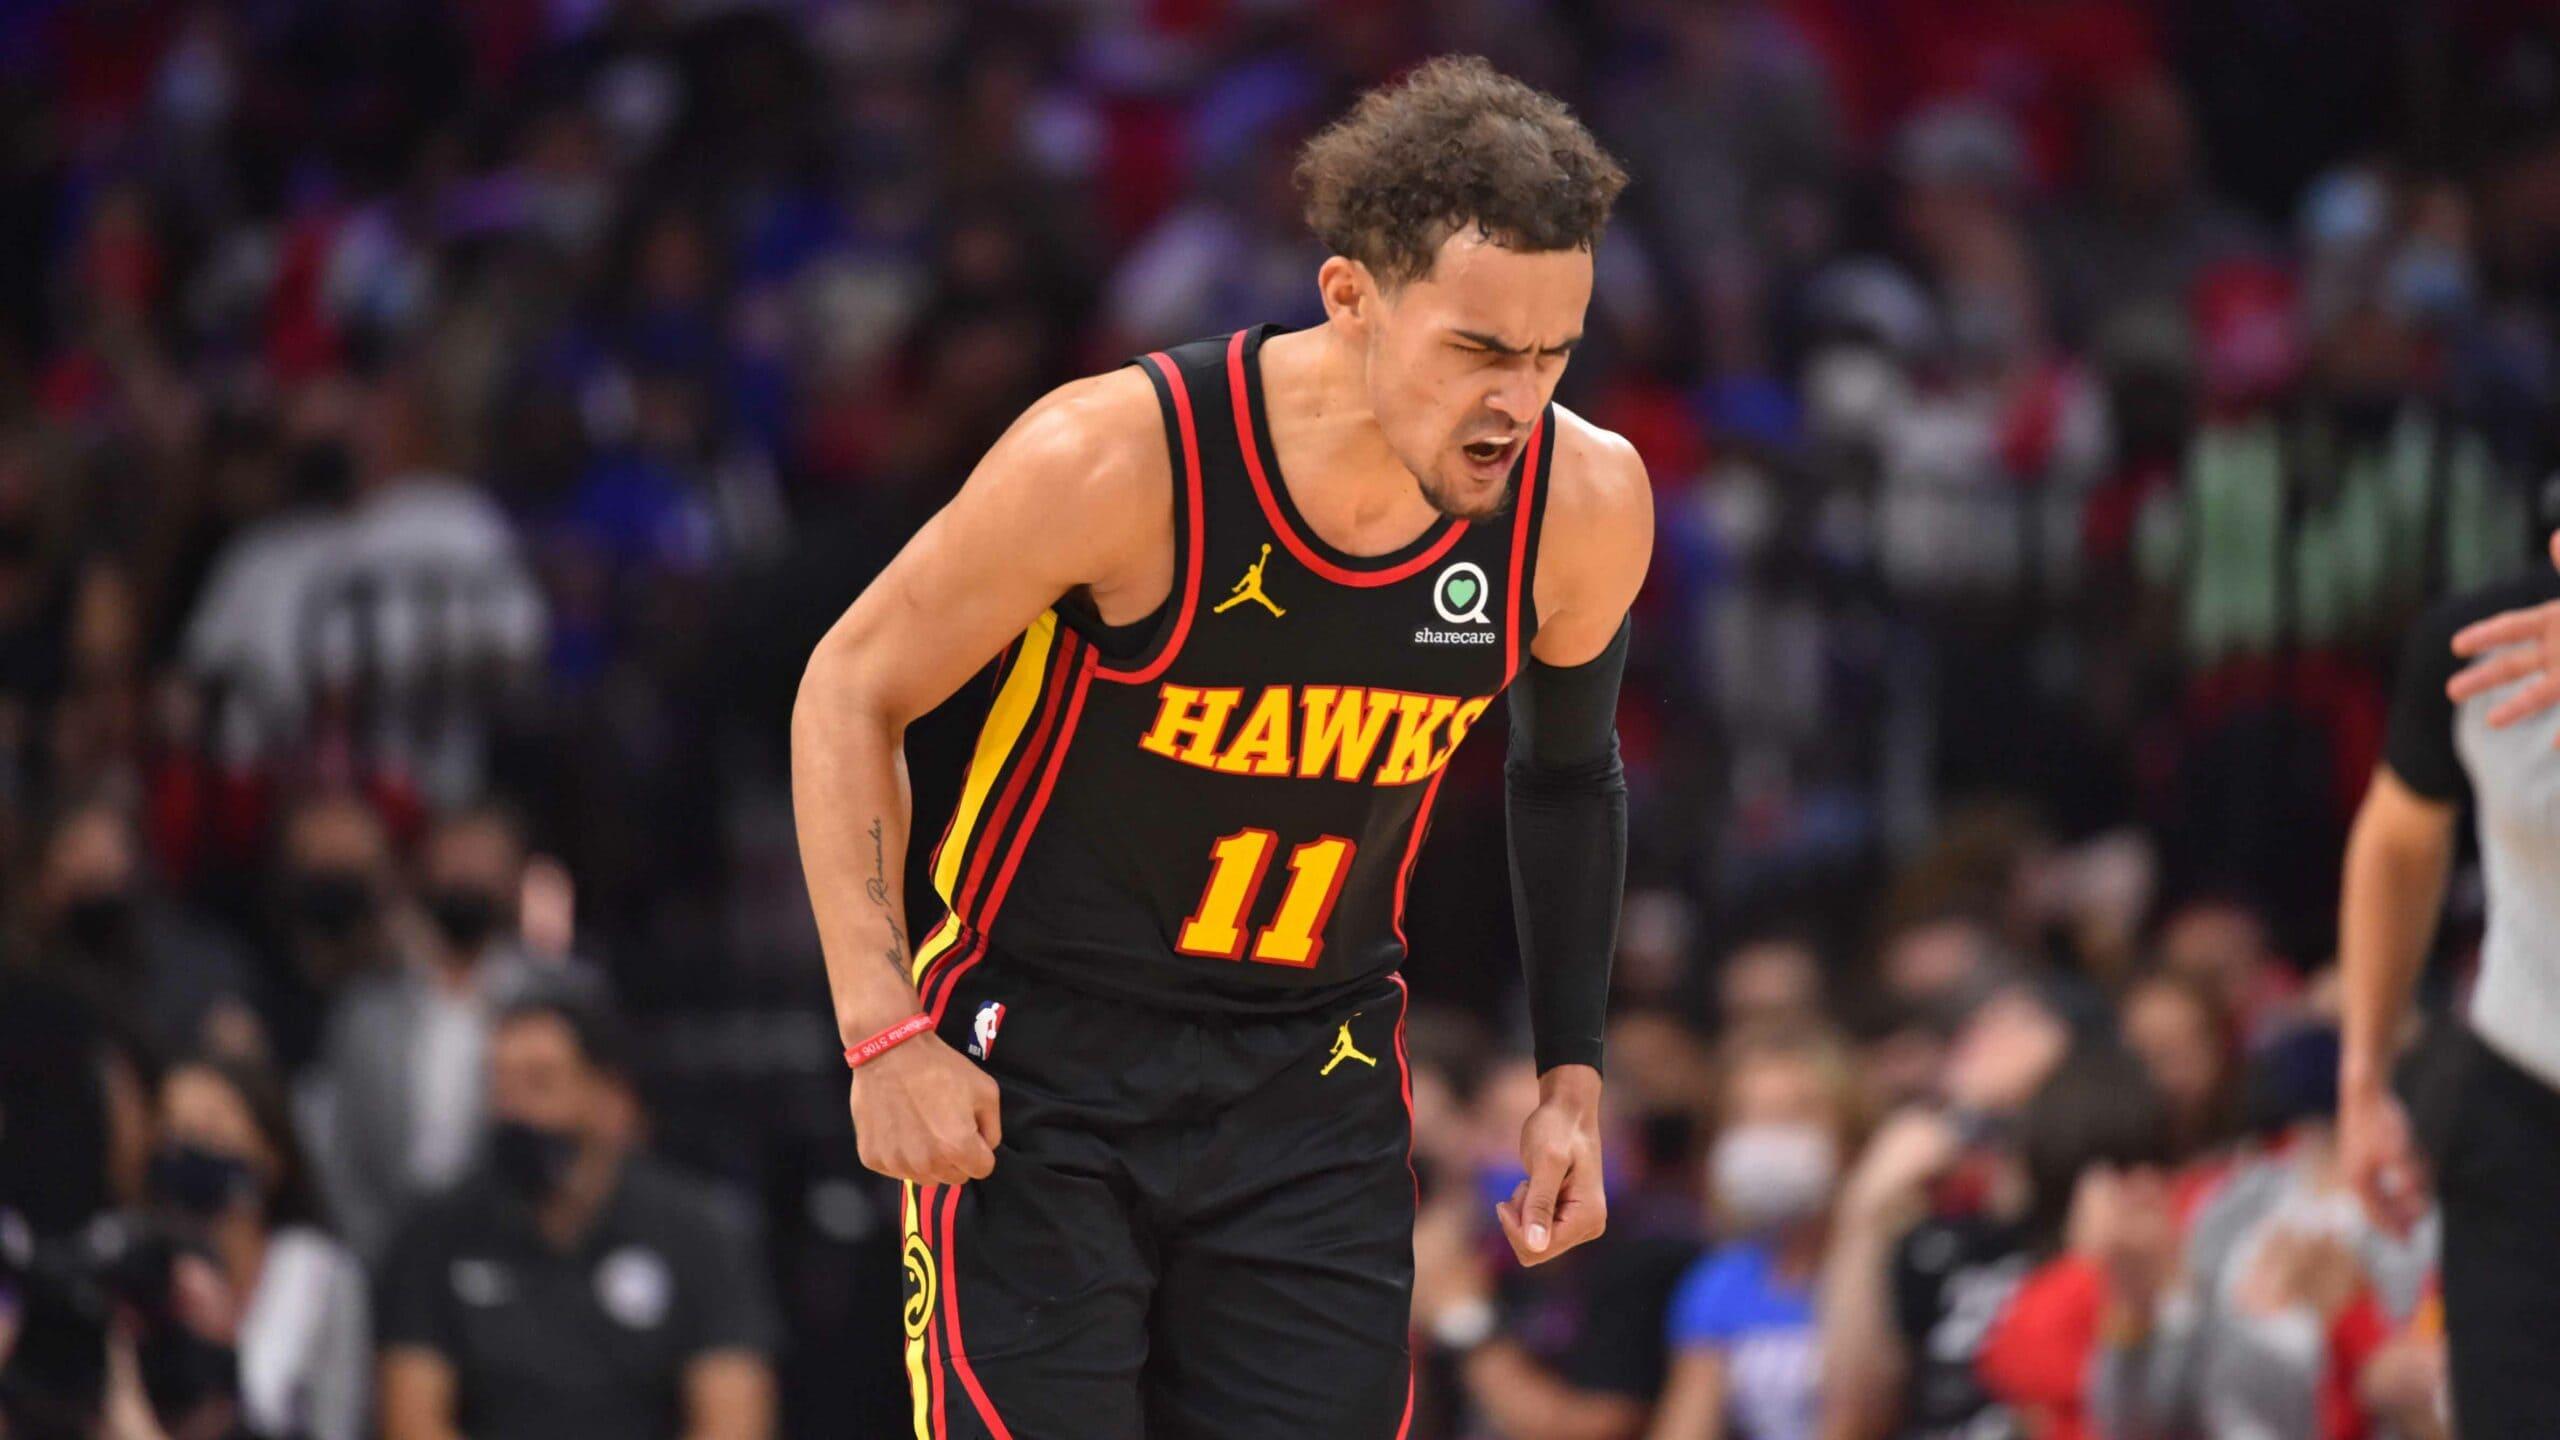 Hawks hang on to take Game 1